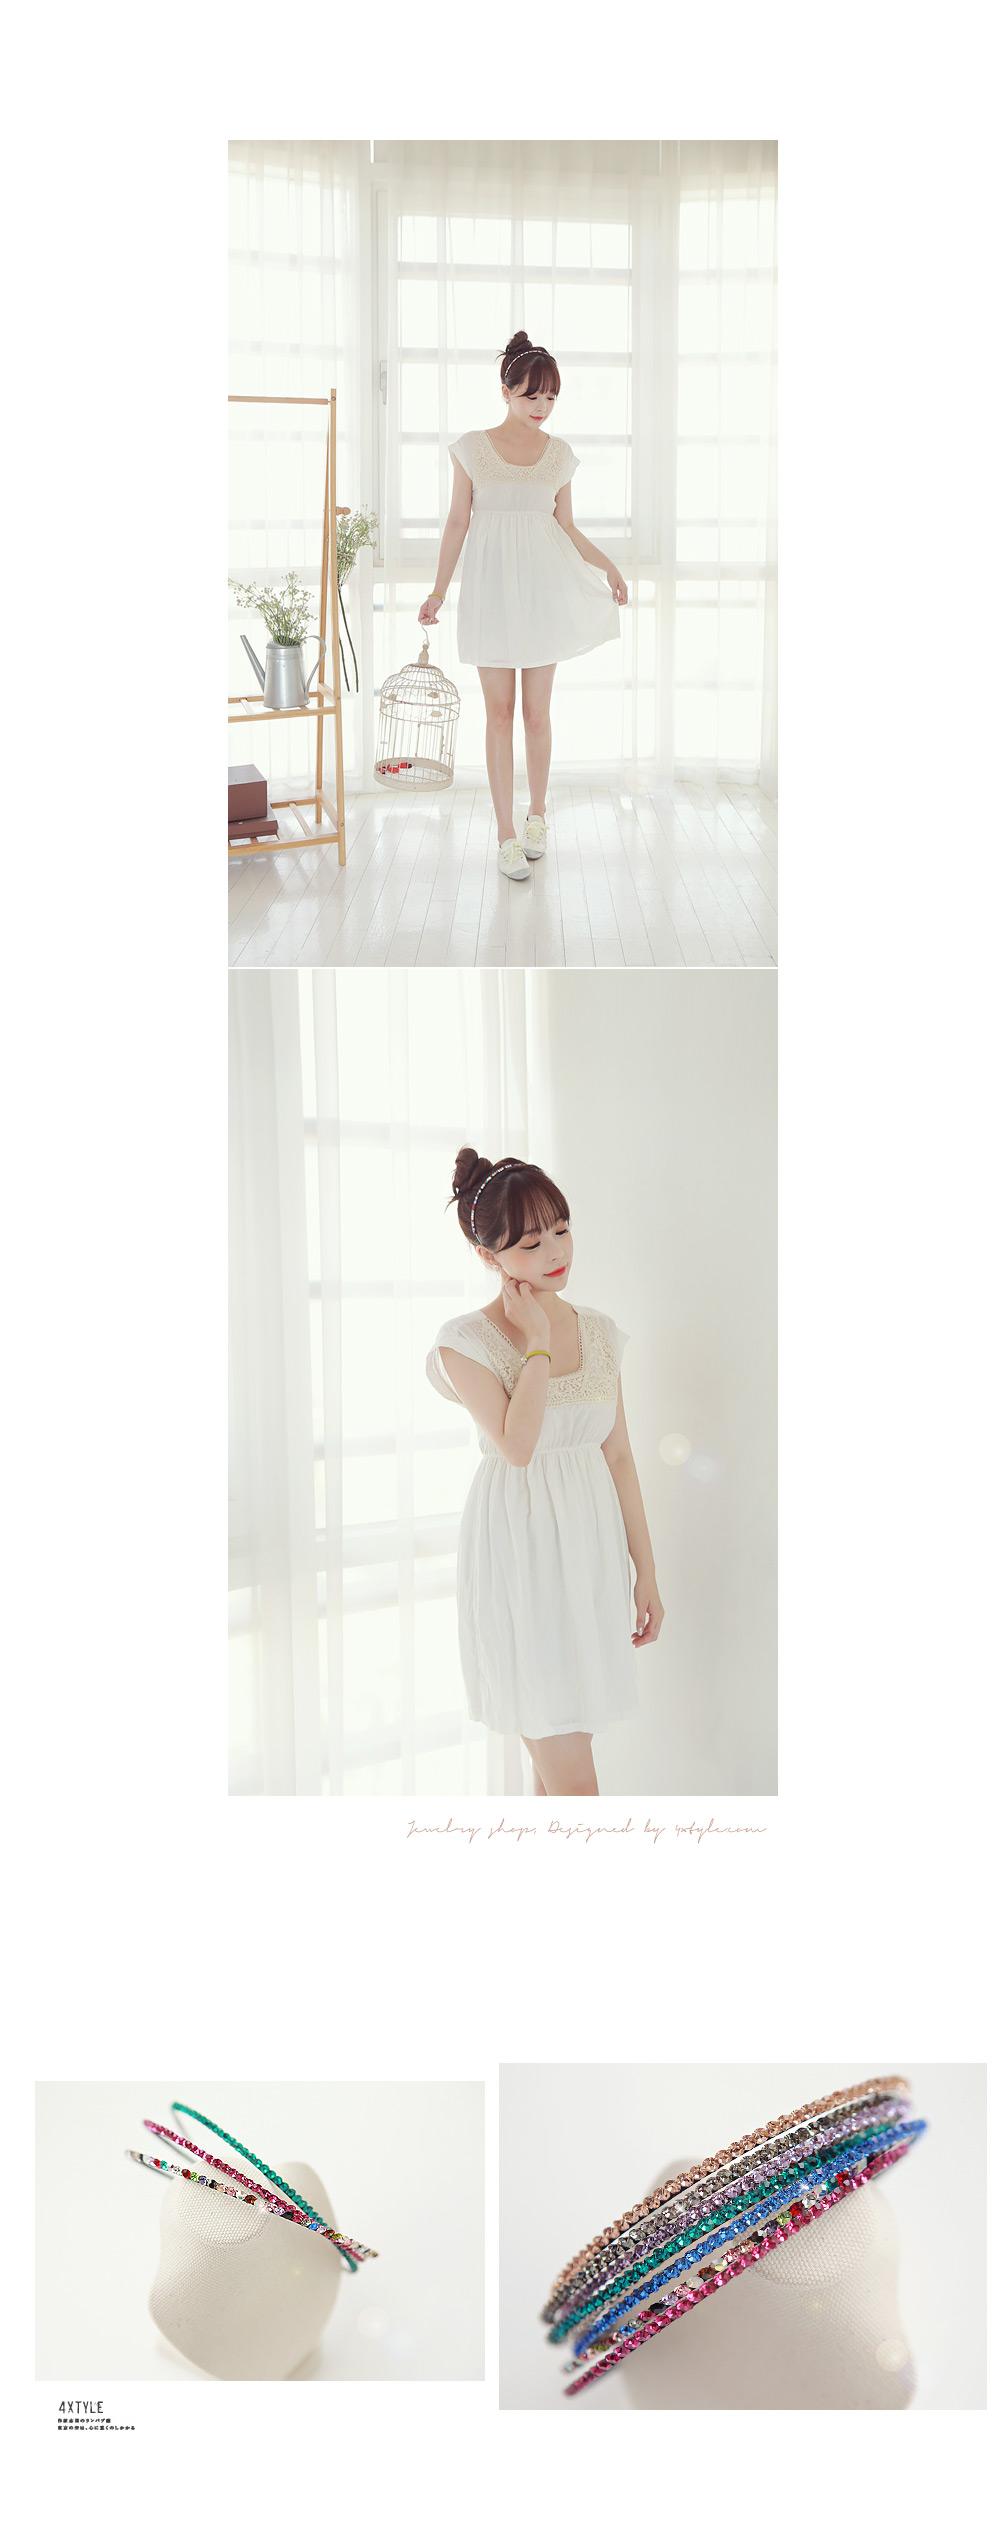 Twinkle_H_06.jpg